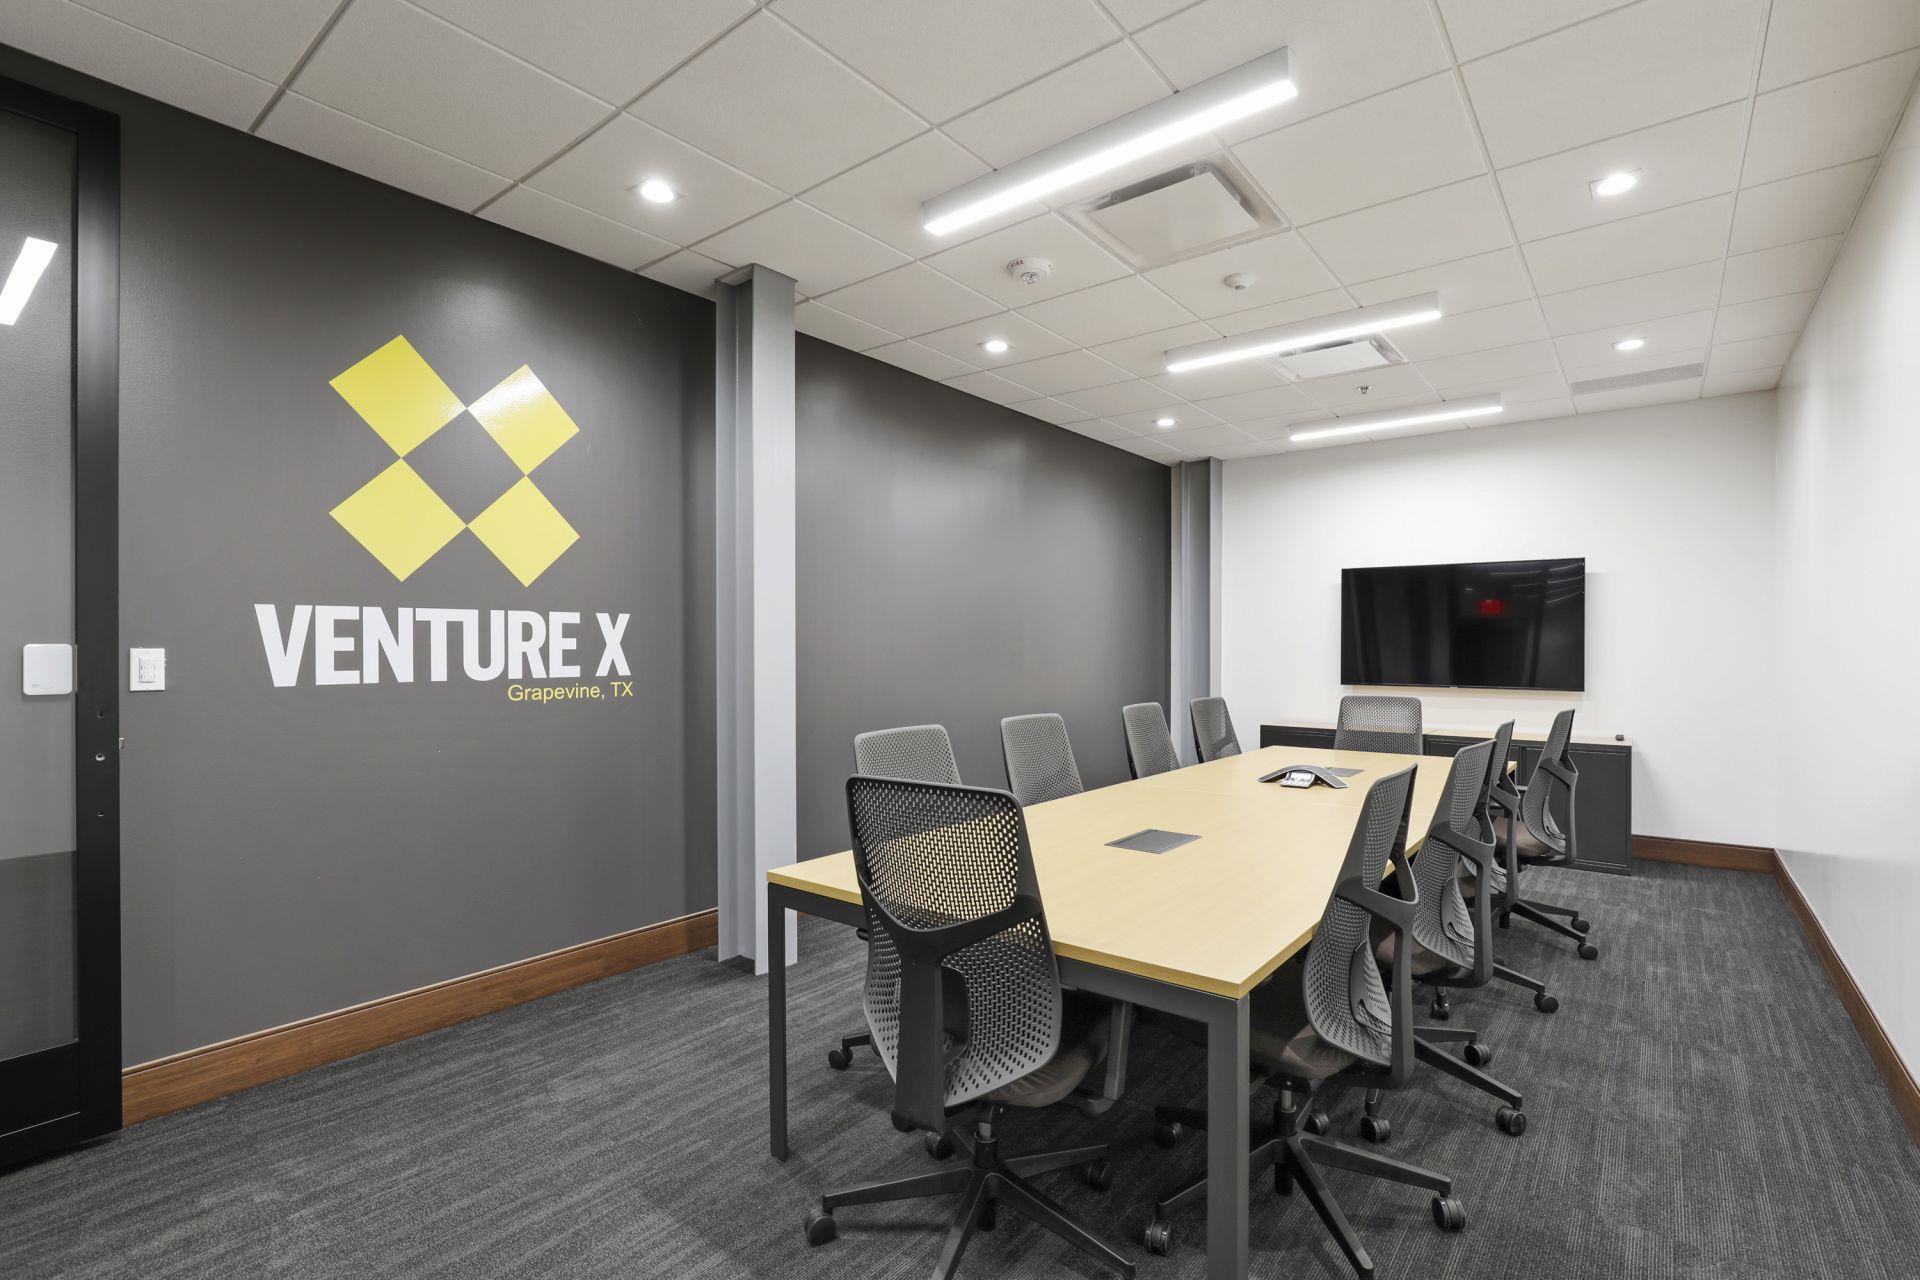 Venture X Grapevine - DFW Airport North, Grapevine